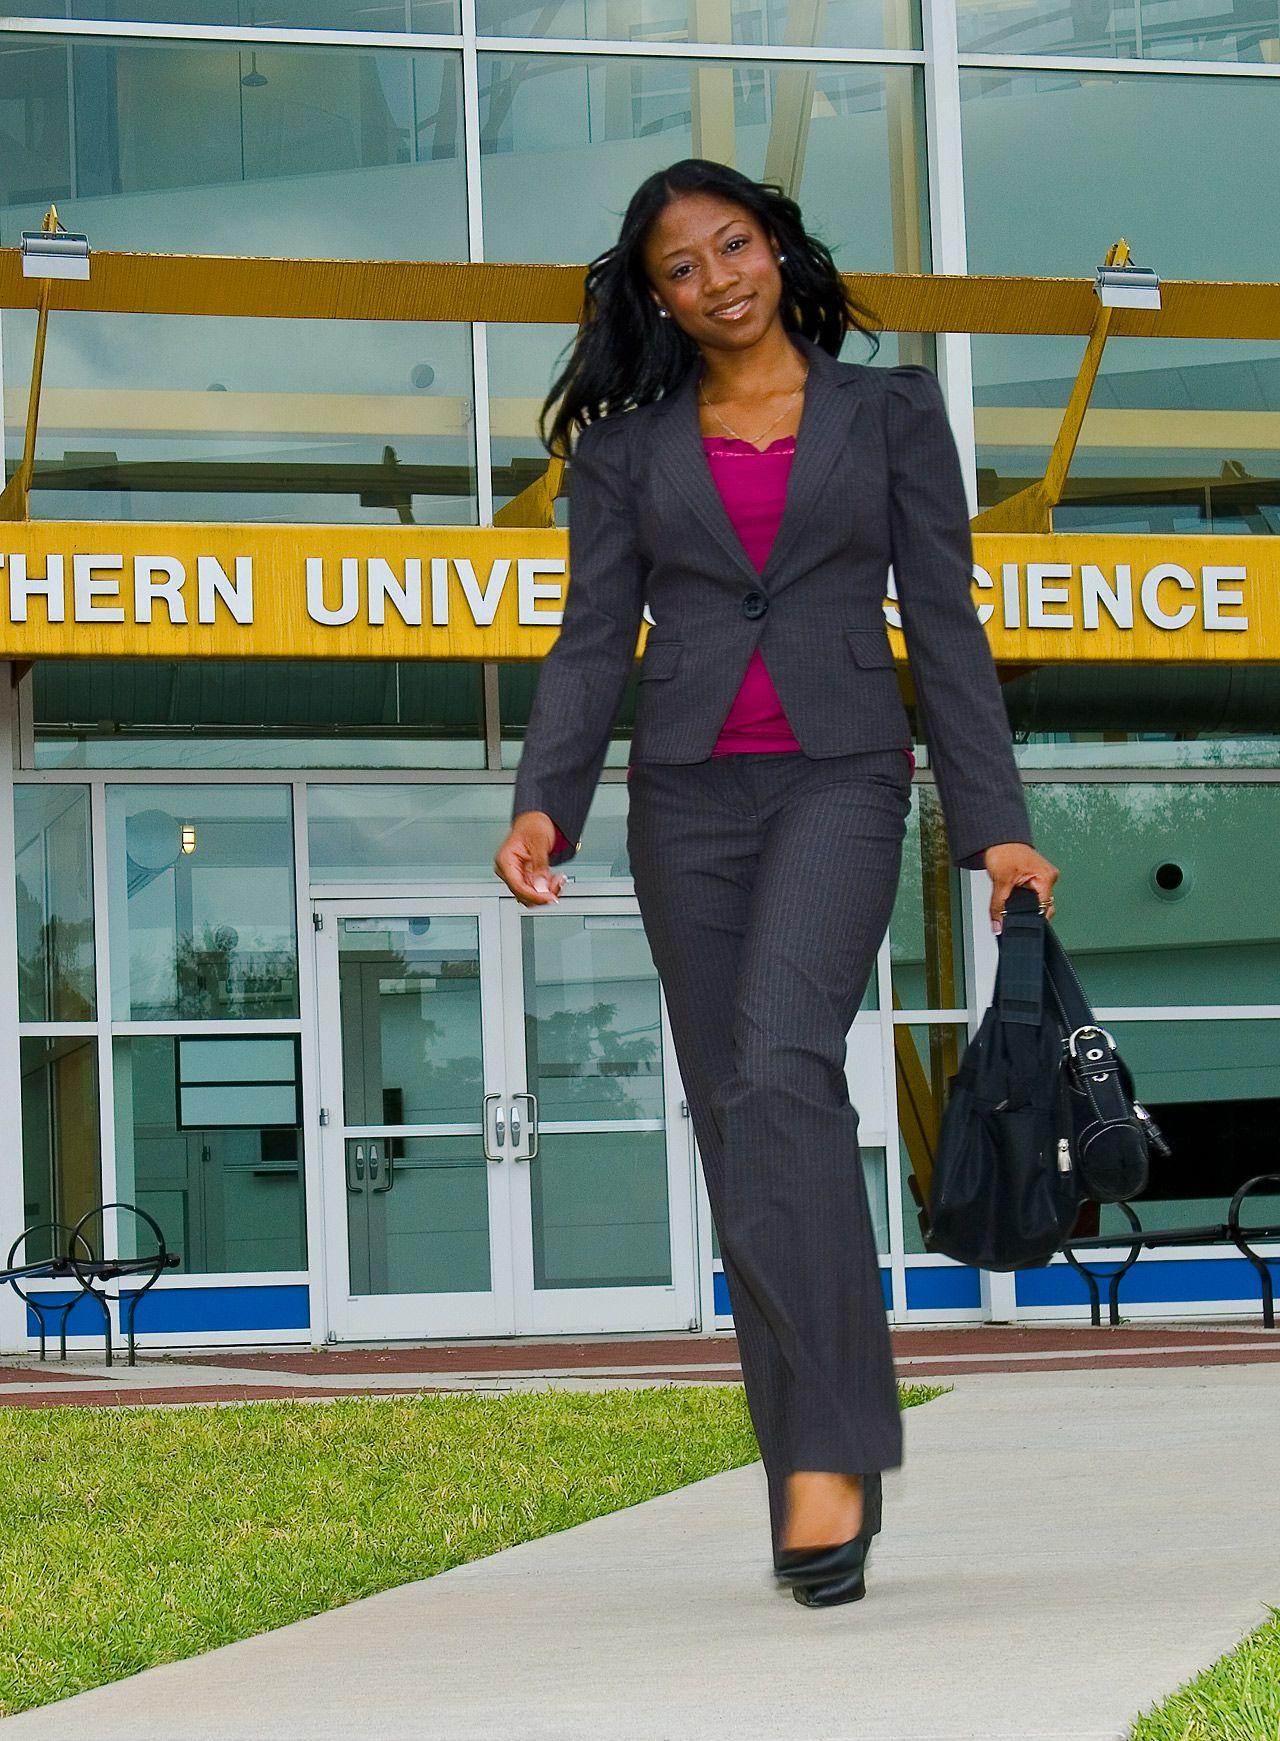 university_girl.jpg